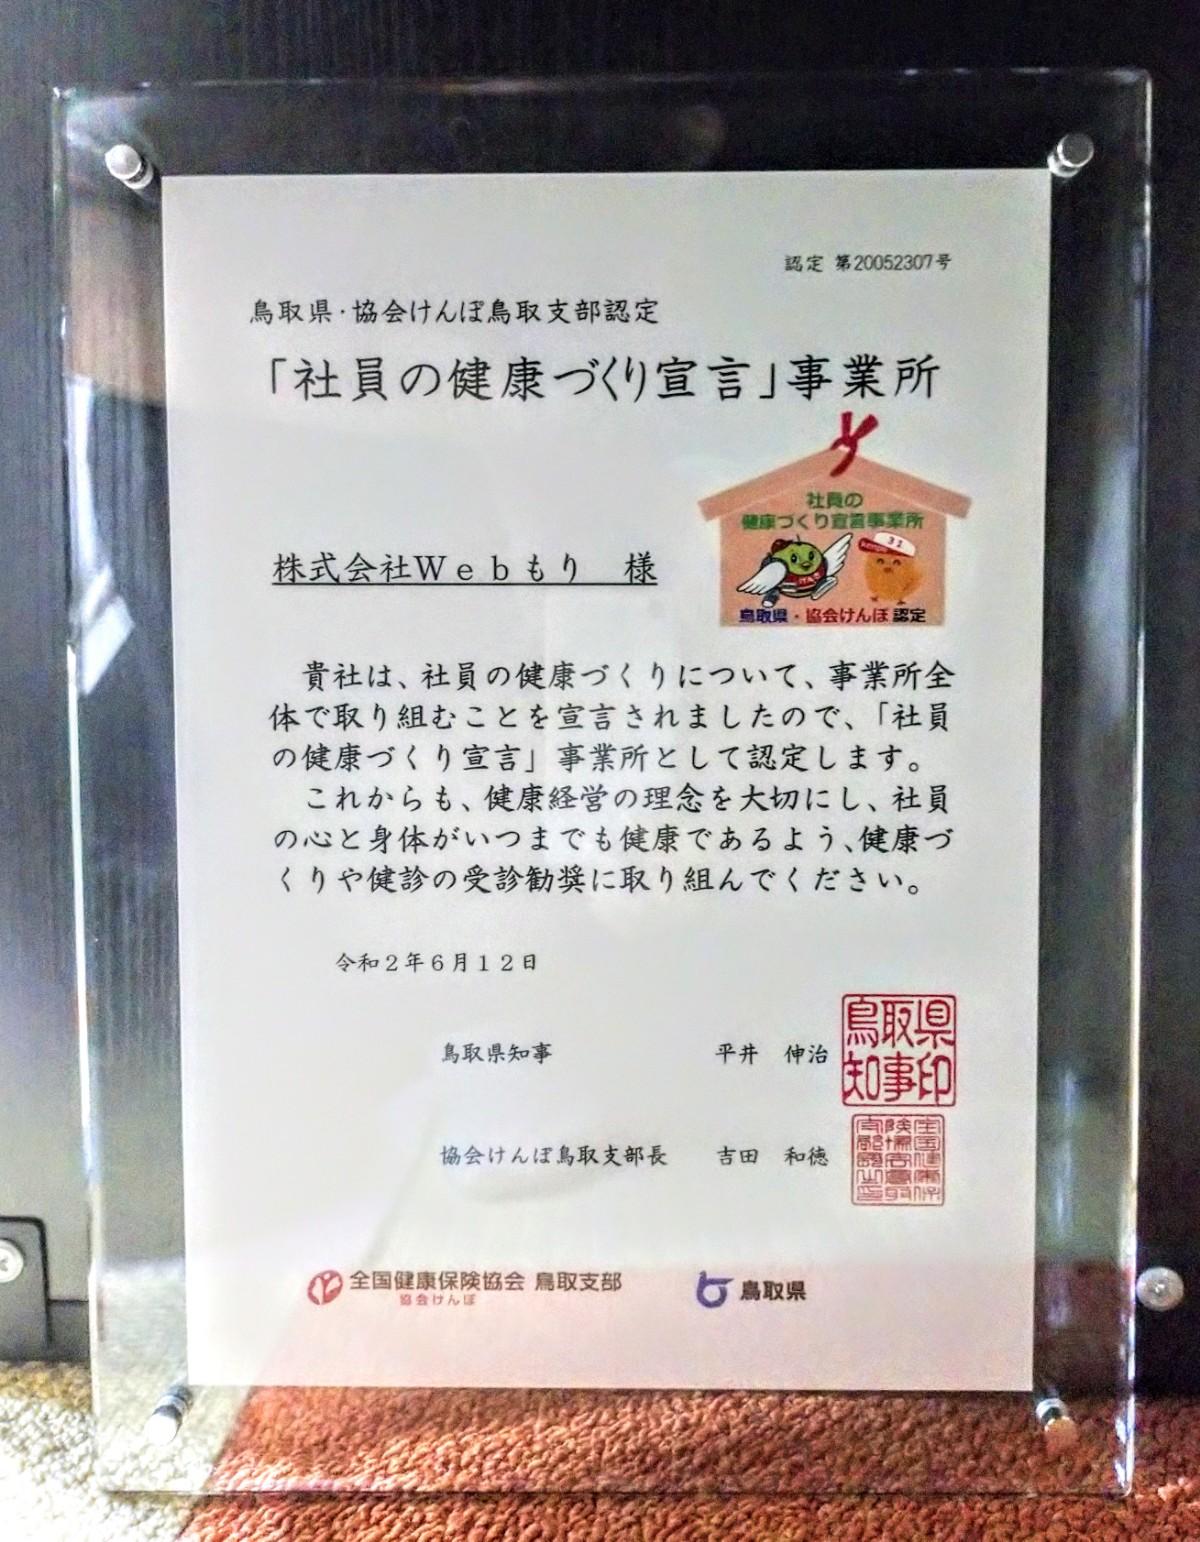 鳥取県が推進する「社員の健康づくり宣言事業所認定証」をいただきました!